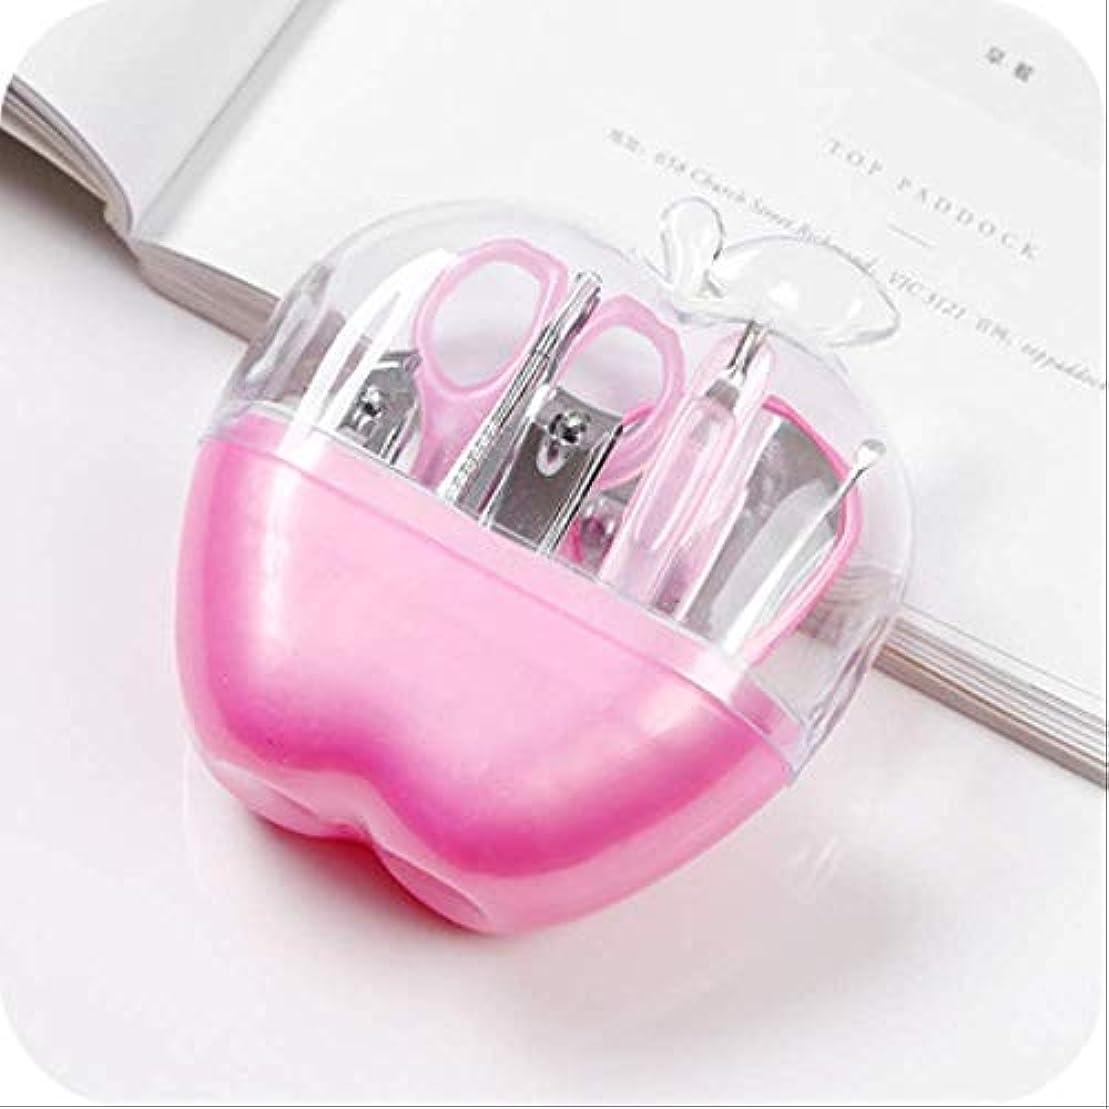 エンジニアリングテレックス強化する赤ちゃんカット爪切りアップルタイプ9ピースセットツールギフトキッズ爪切りセット ピンク[8点セット]